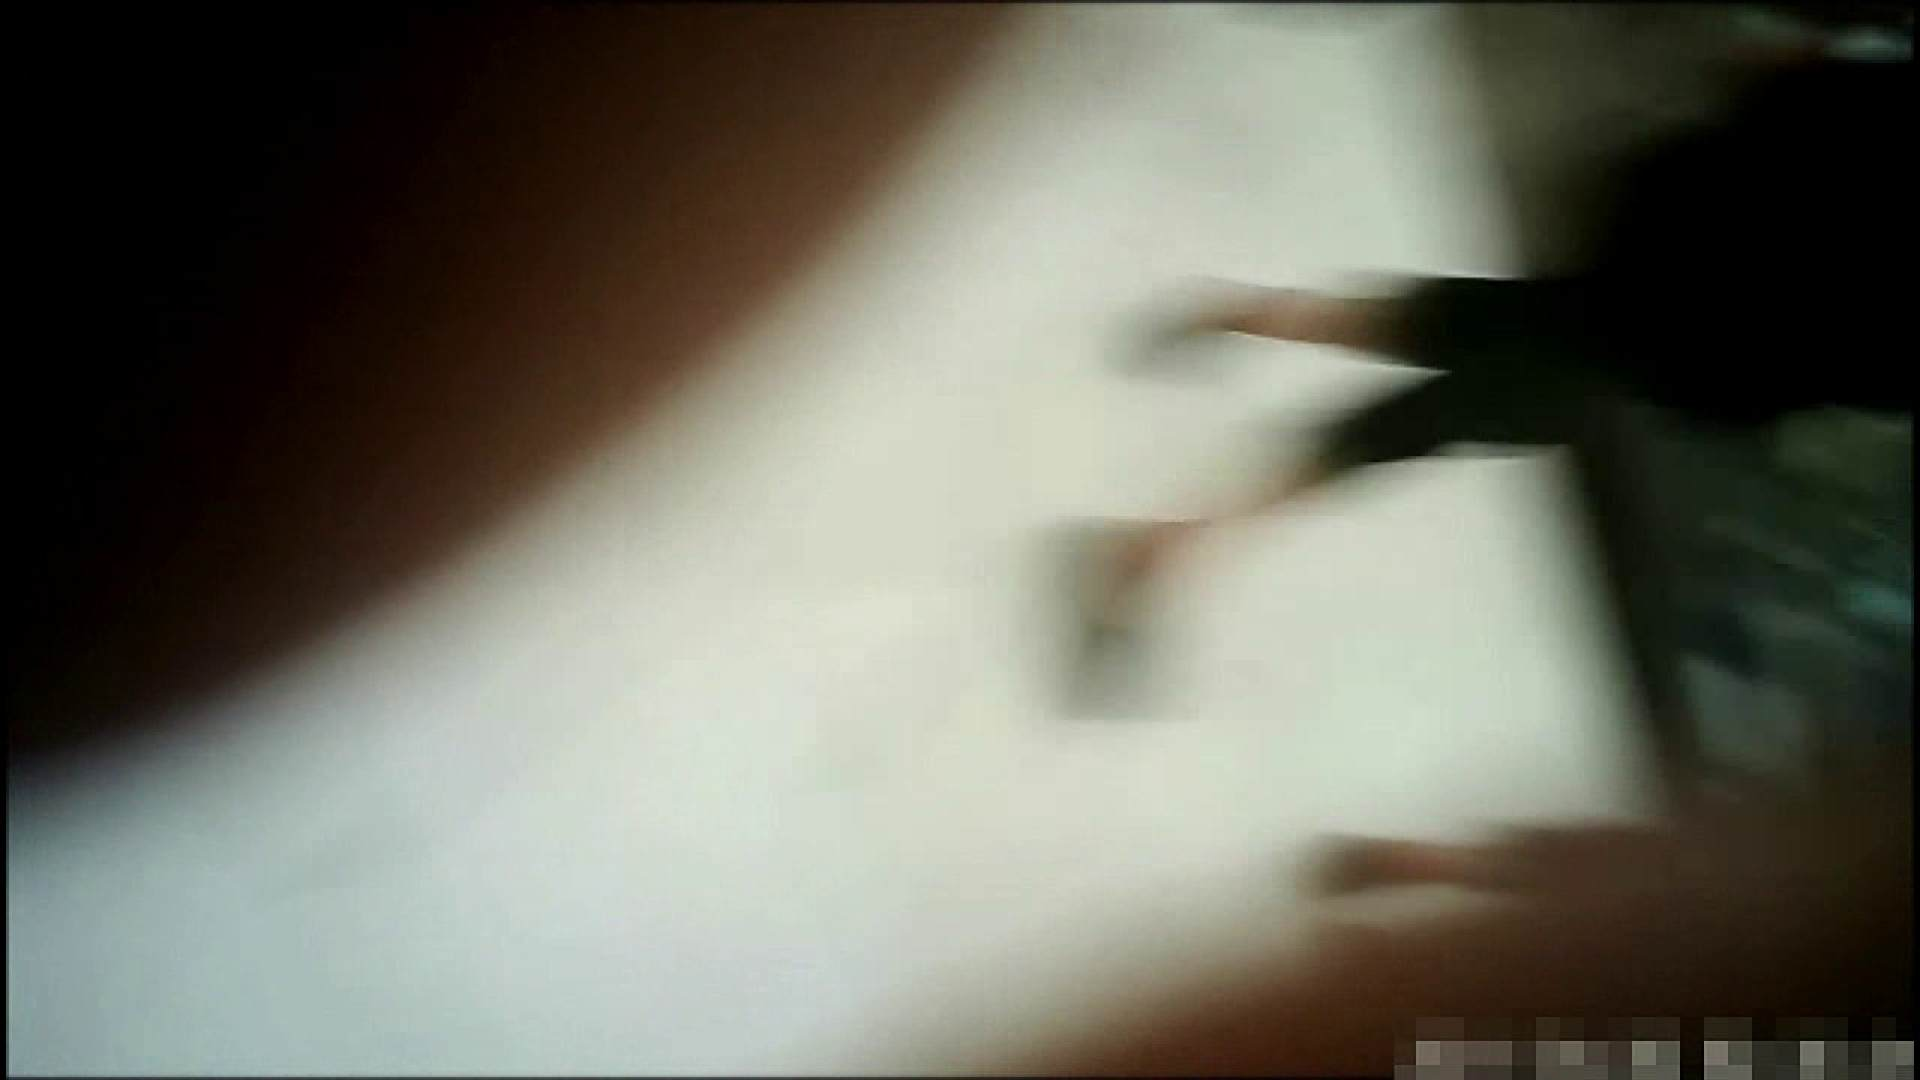 NO.1 普段から胸元がゆるい友達【某ファッションビル内の雑貨屋】 チラ 覗きぱこり動画紹介 102pic 44